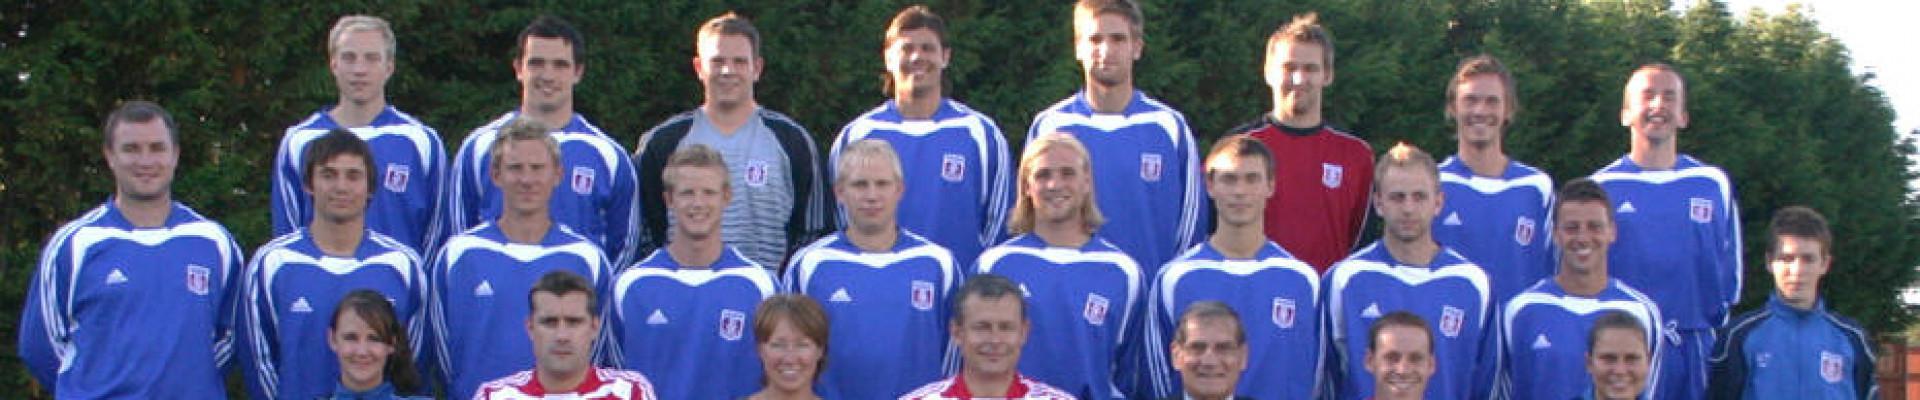 League Table 2006/07 Season